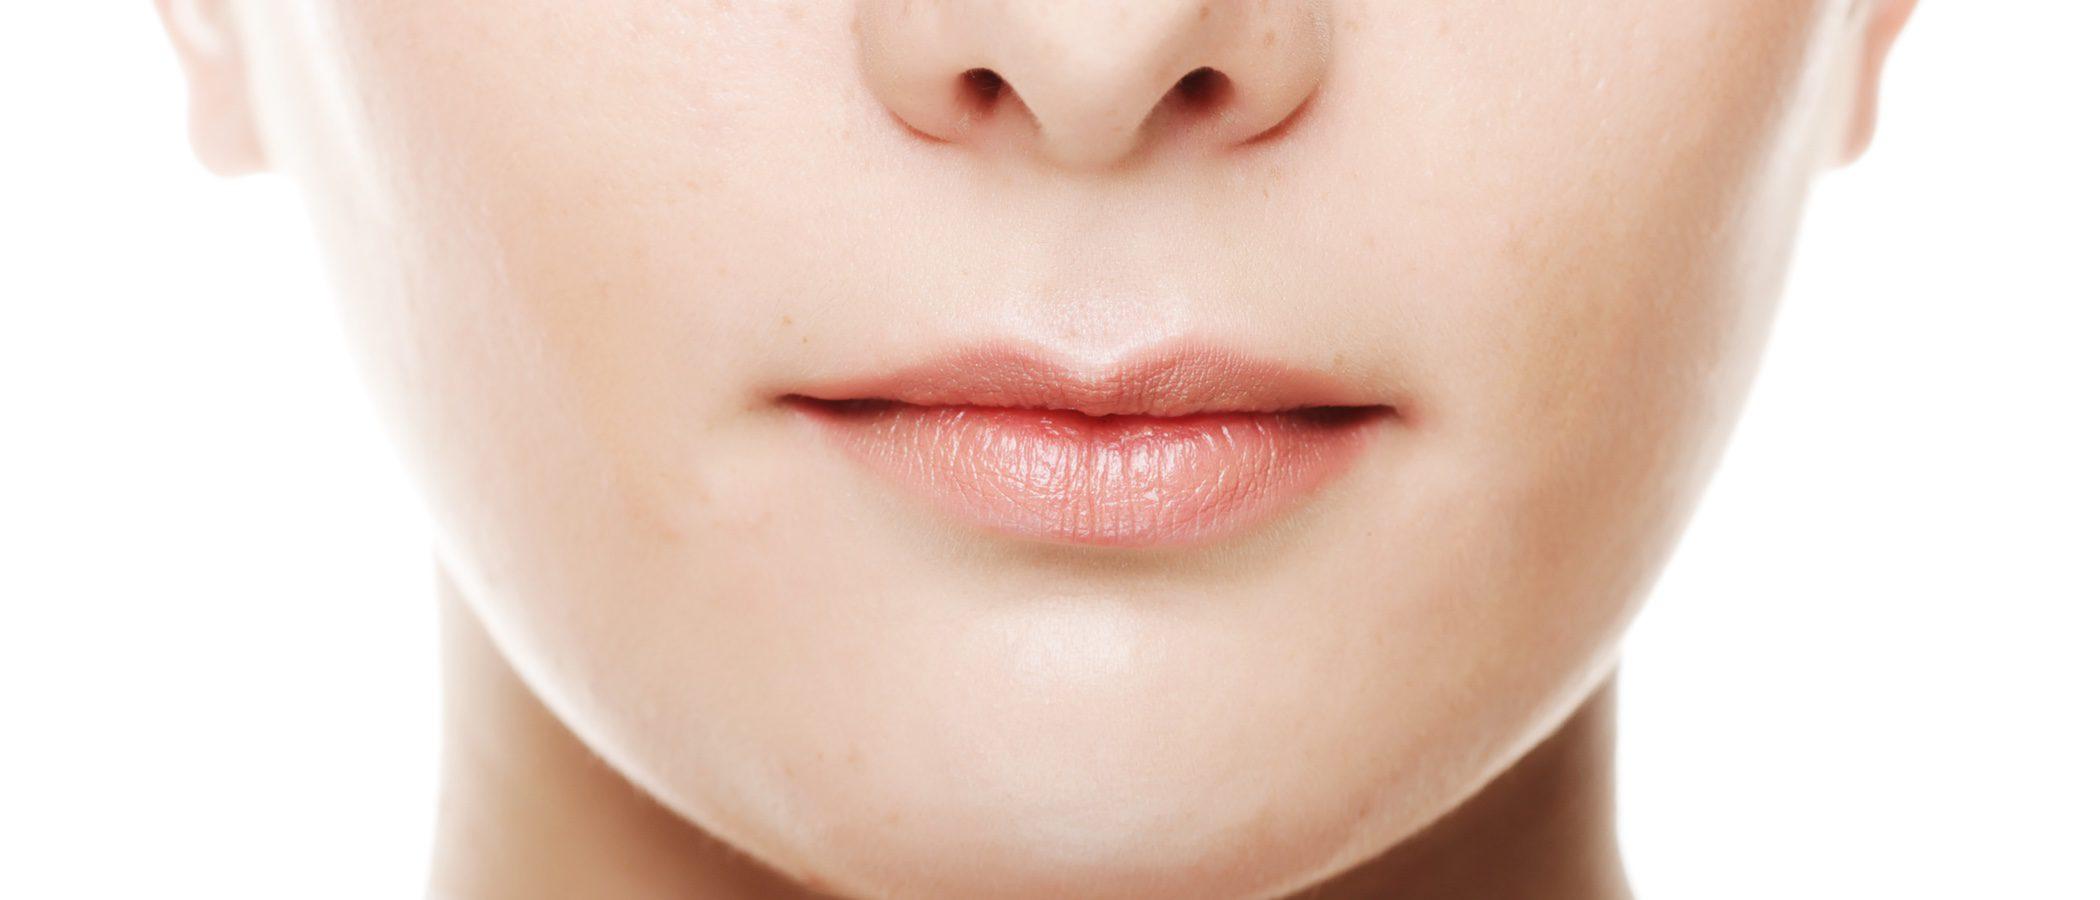 Cómo maquillarse los labios finos